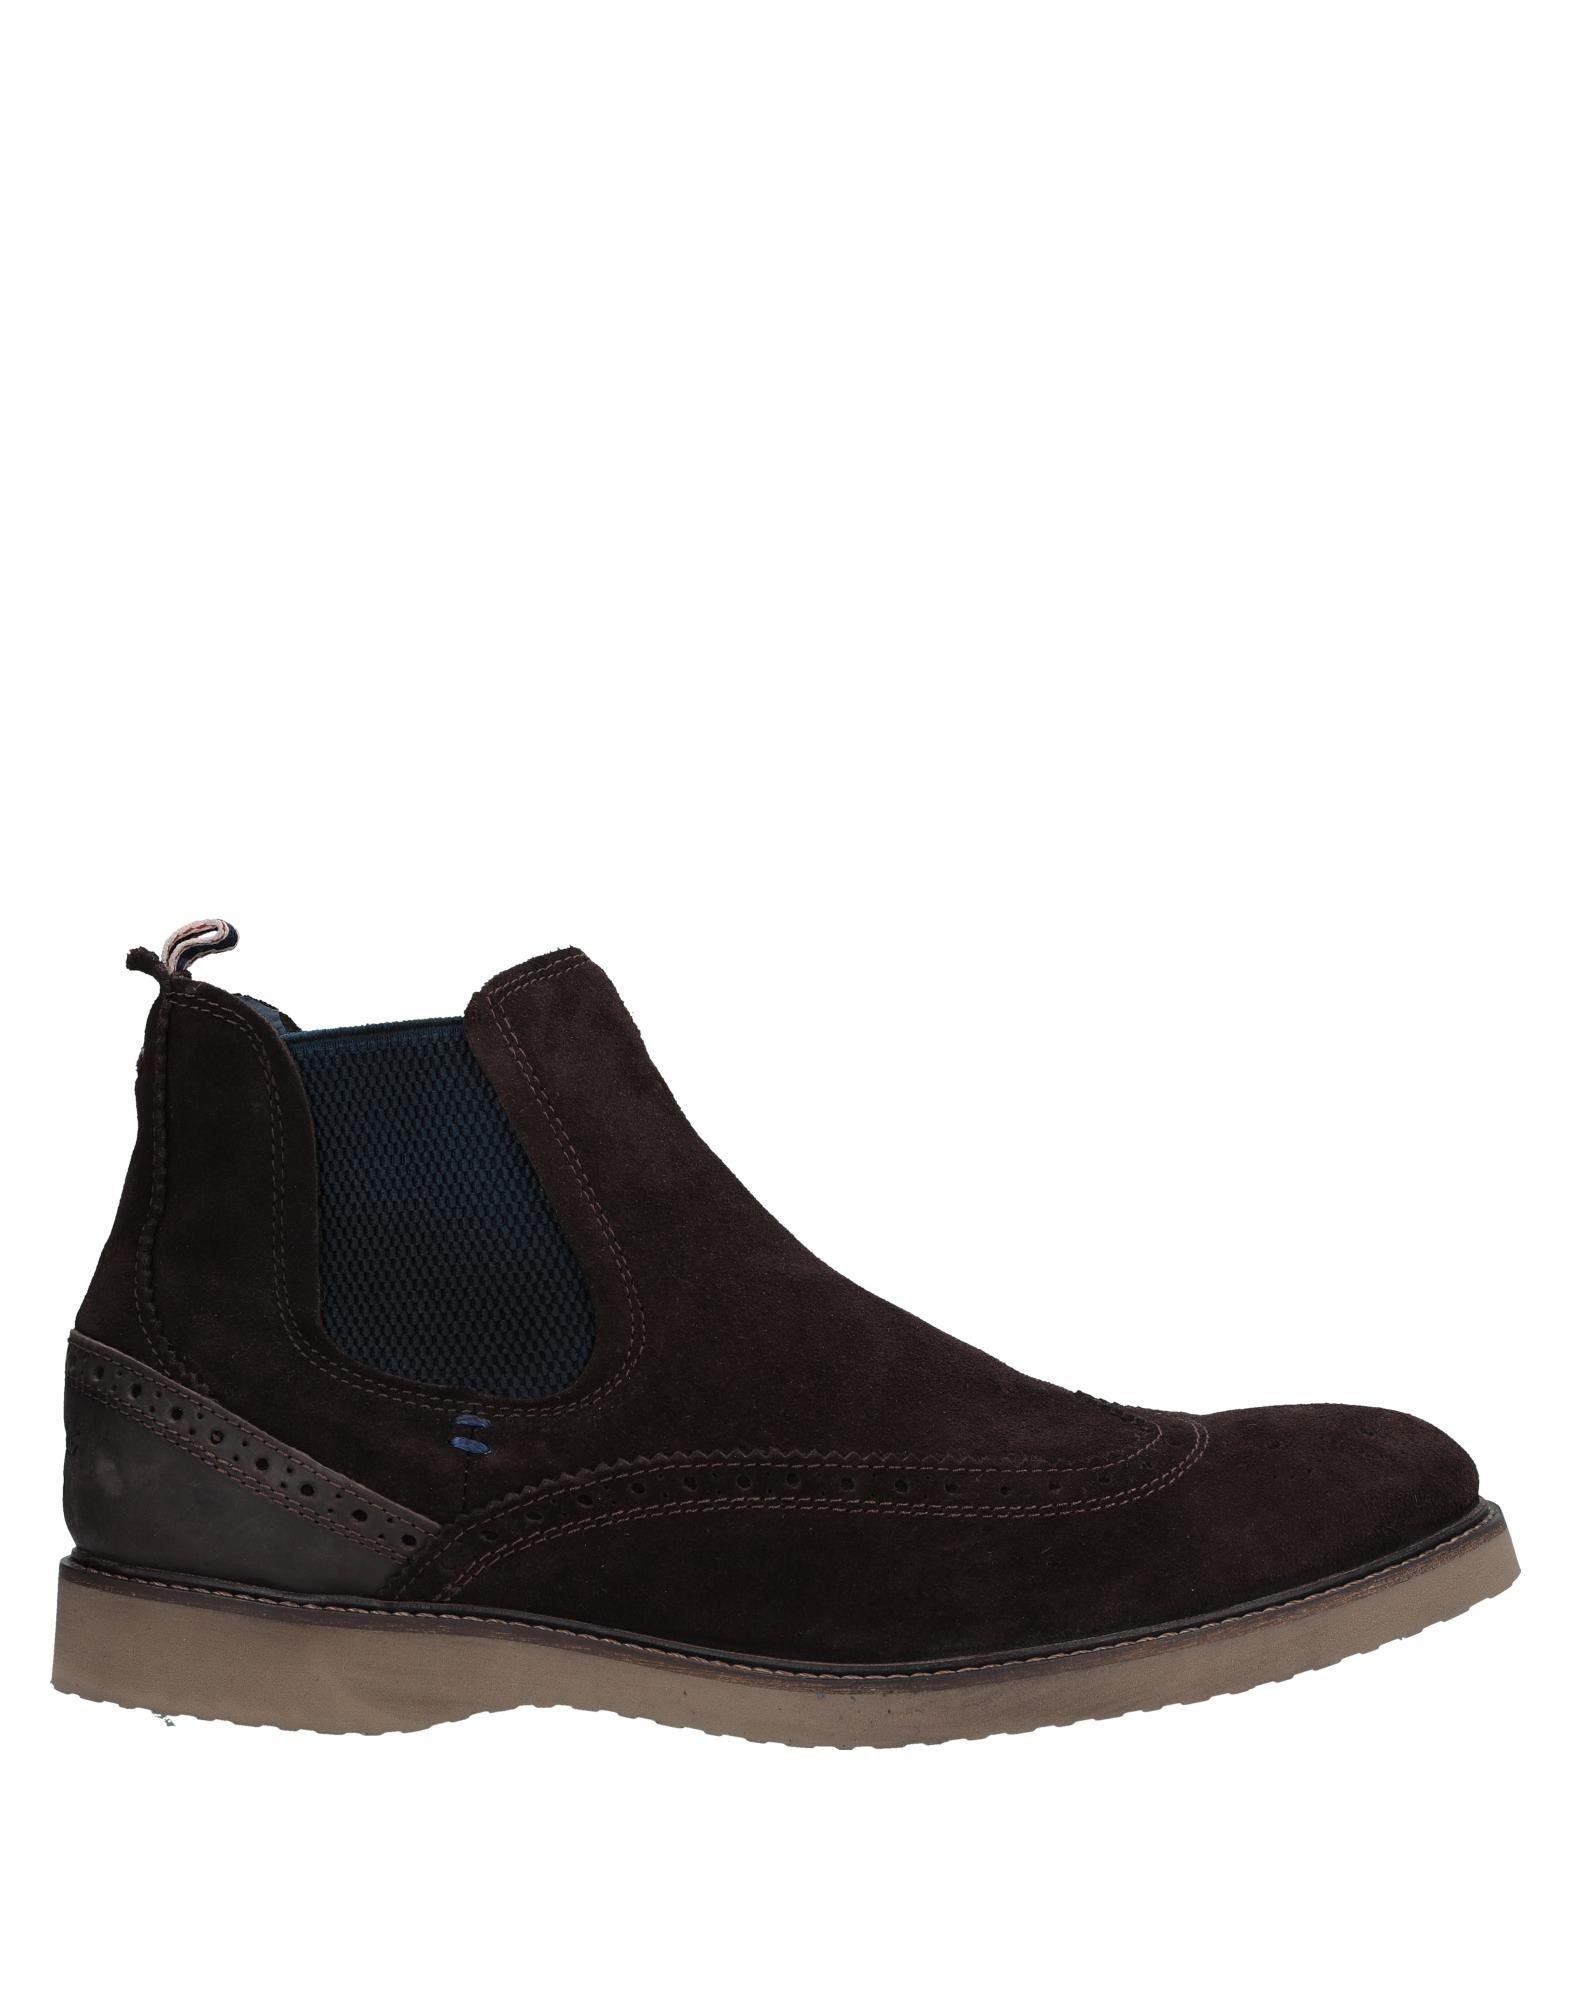 Wrangler Stiefelette Herren  11528024JG Gute Qualität beliebte Schuhe